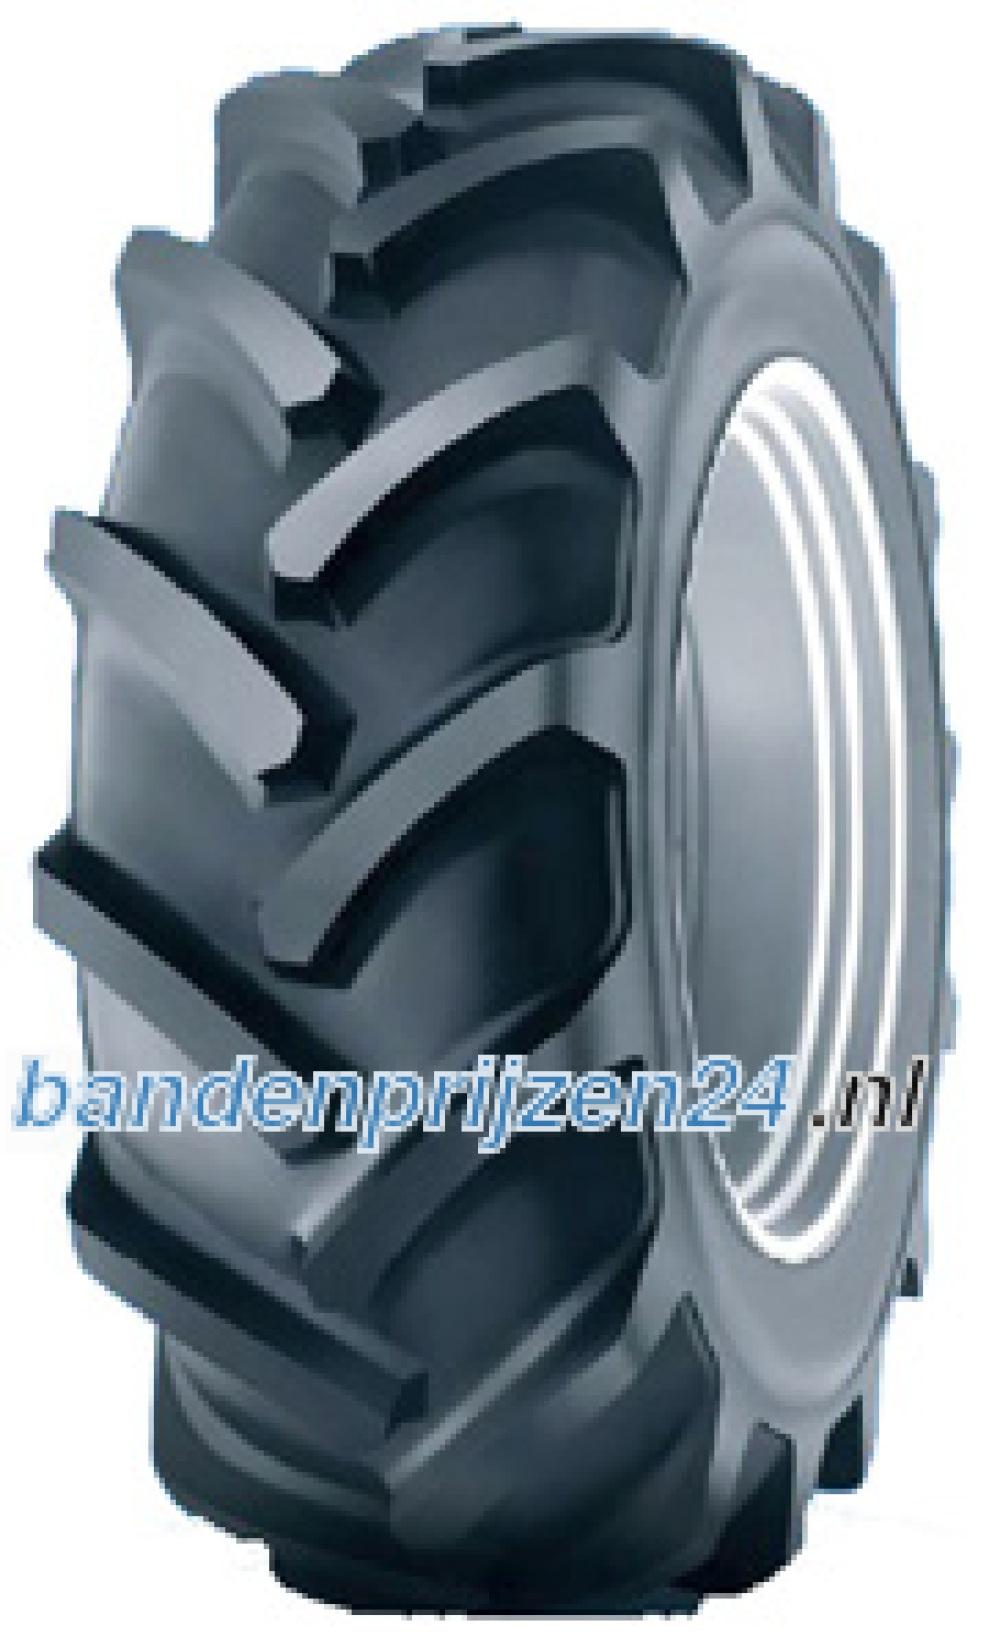 Cultor Radial 70 ( 580/70 R38 155A8 TL Dubbel merk 155B )